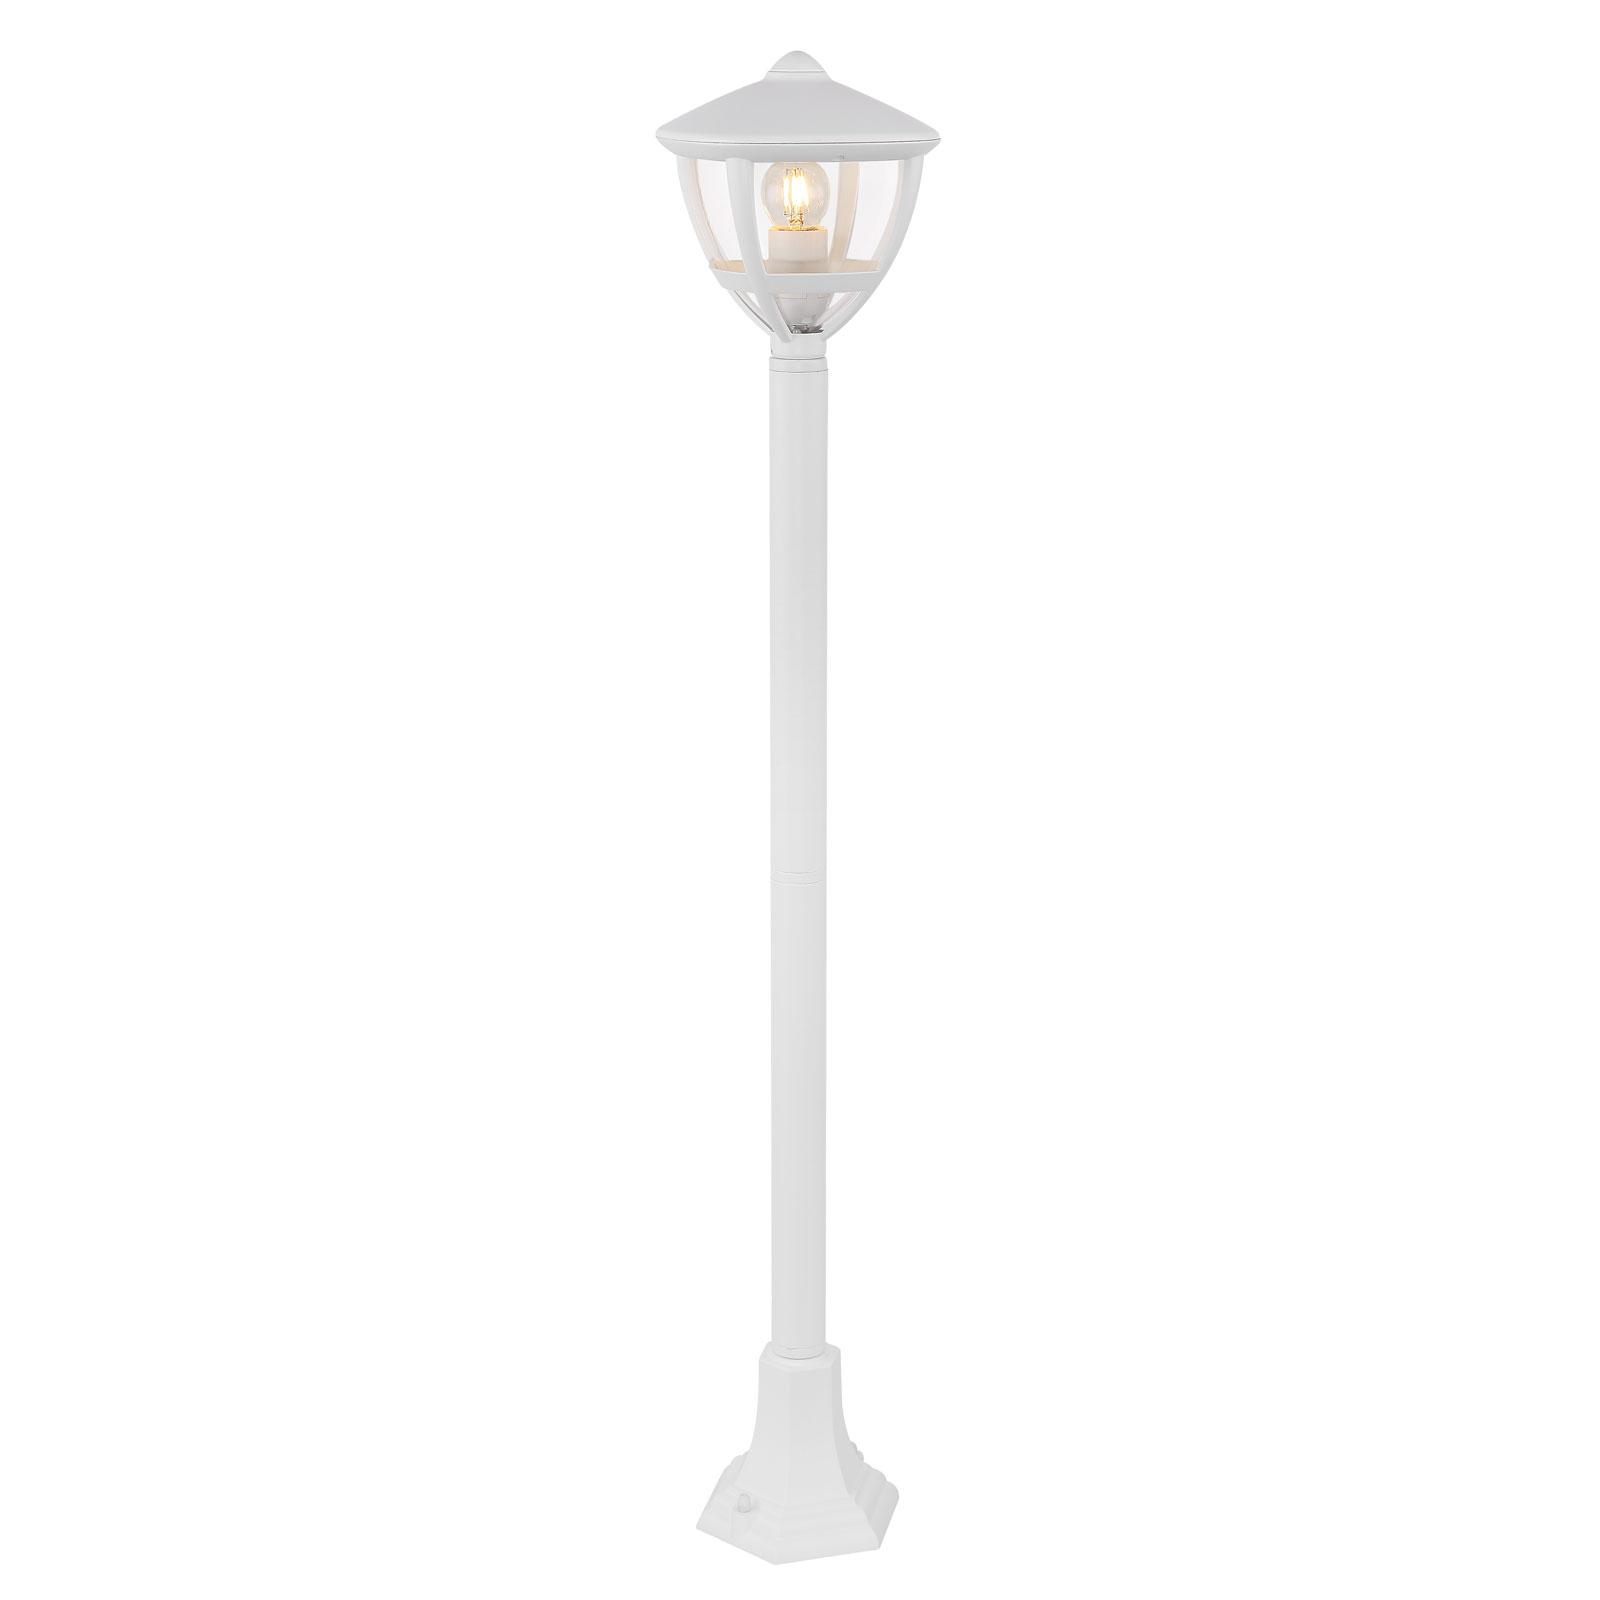 Słupek oświetleniowy Nollo w formie latarni, biały